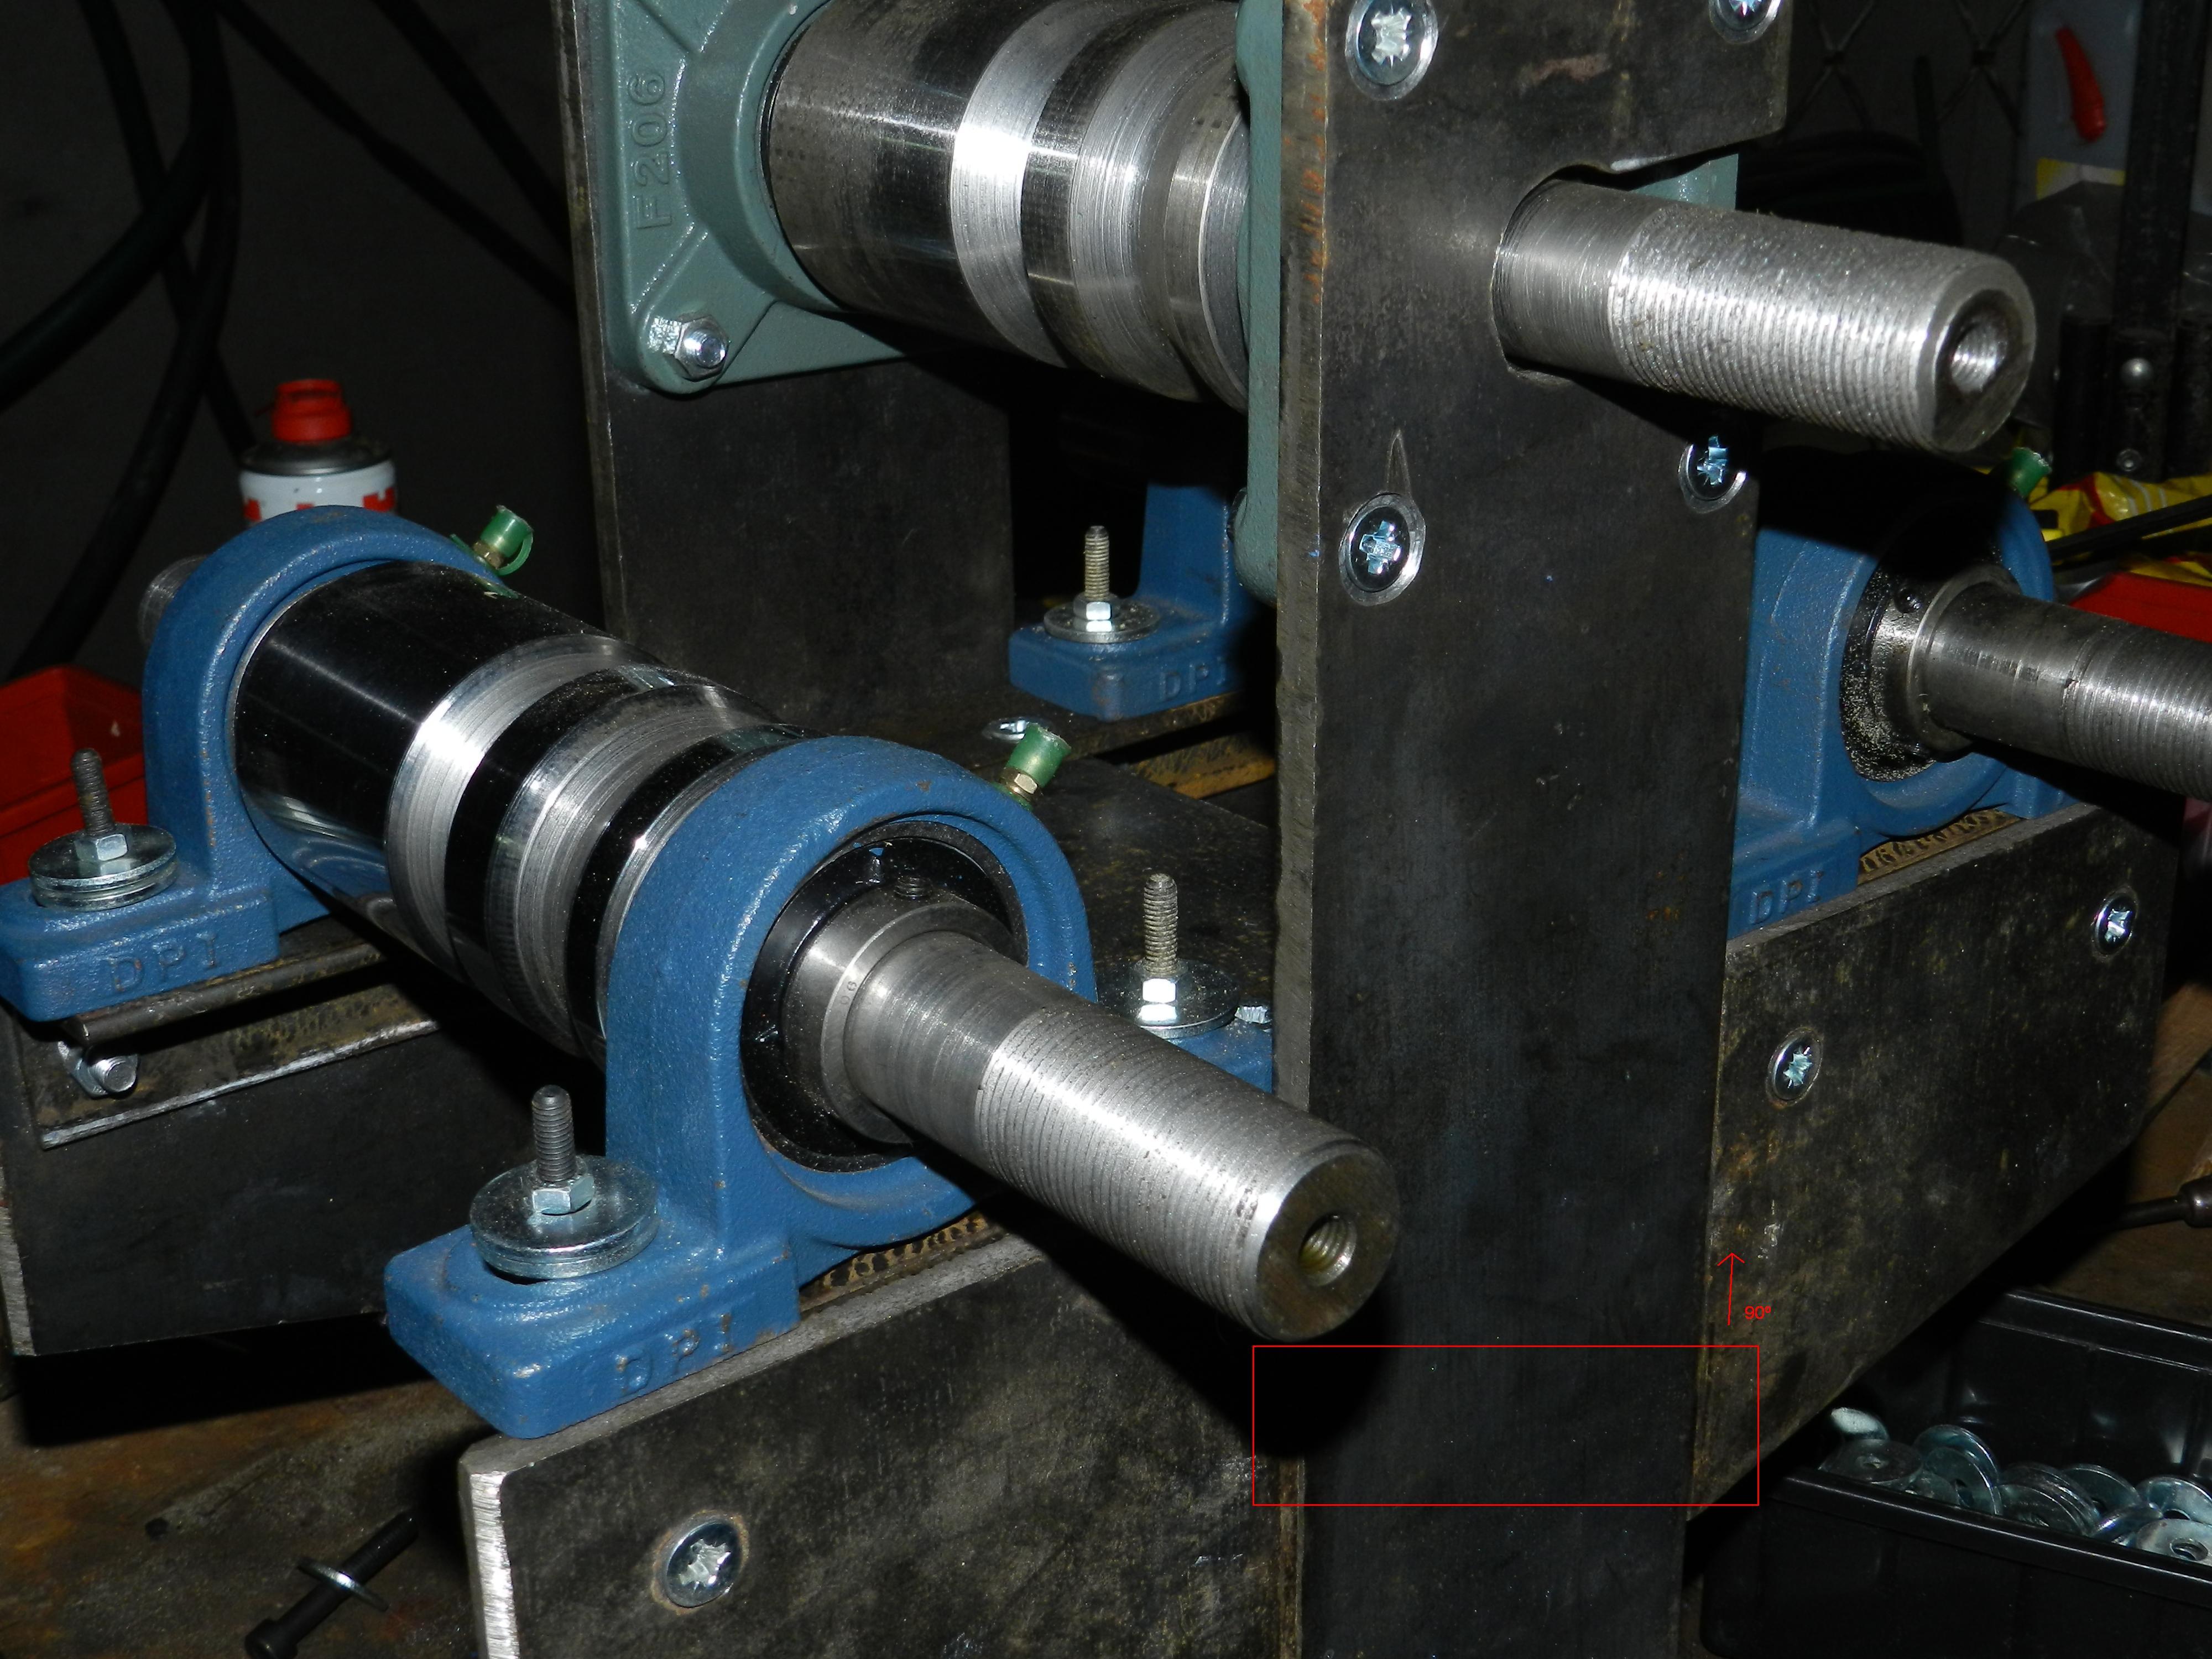 Groovy Walcarka metali (płaskowników, profili, rur) - elektroda.pl JN36